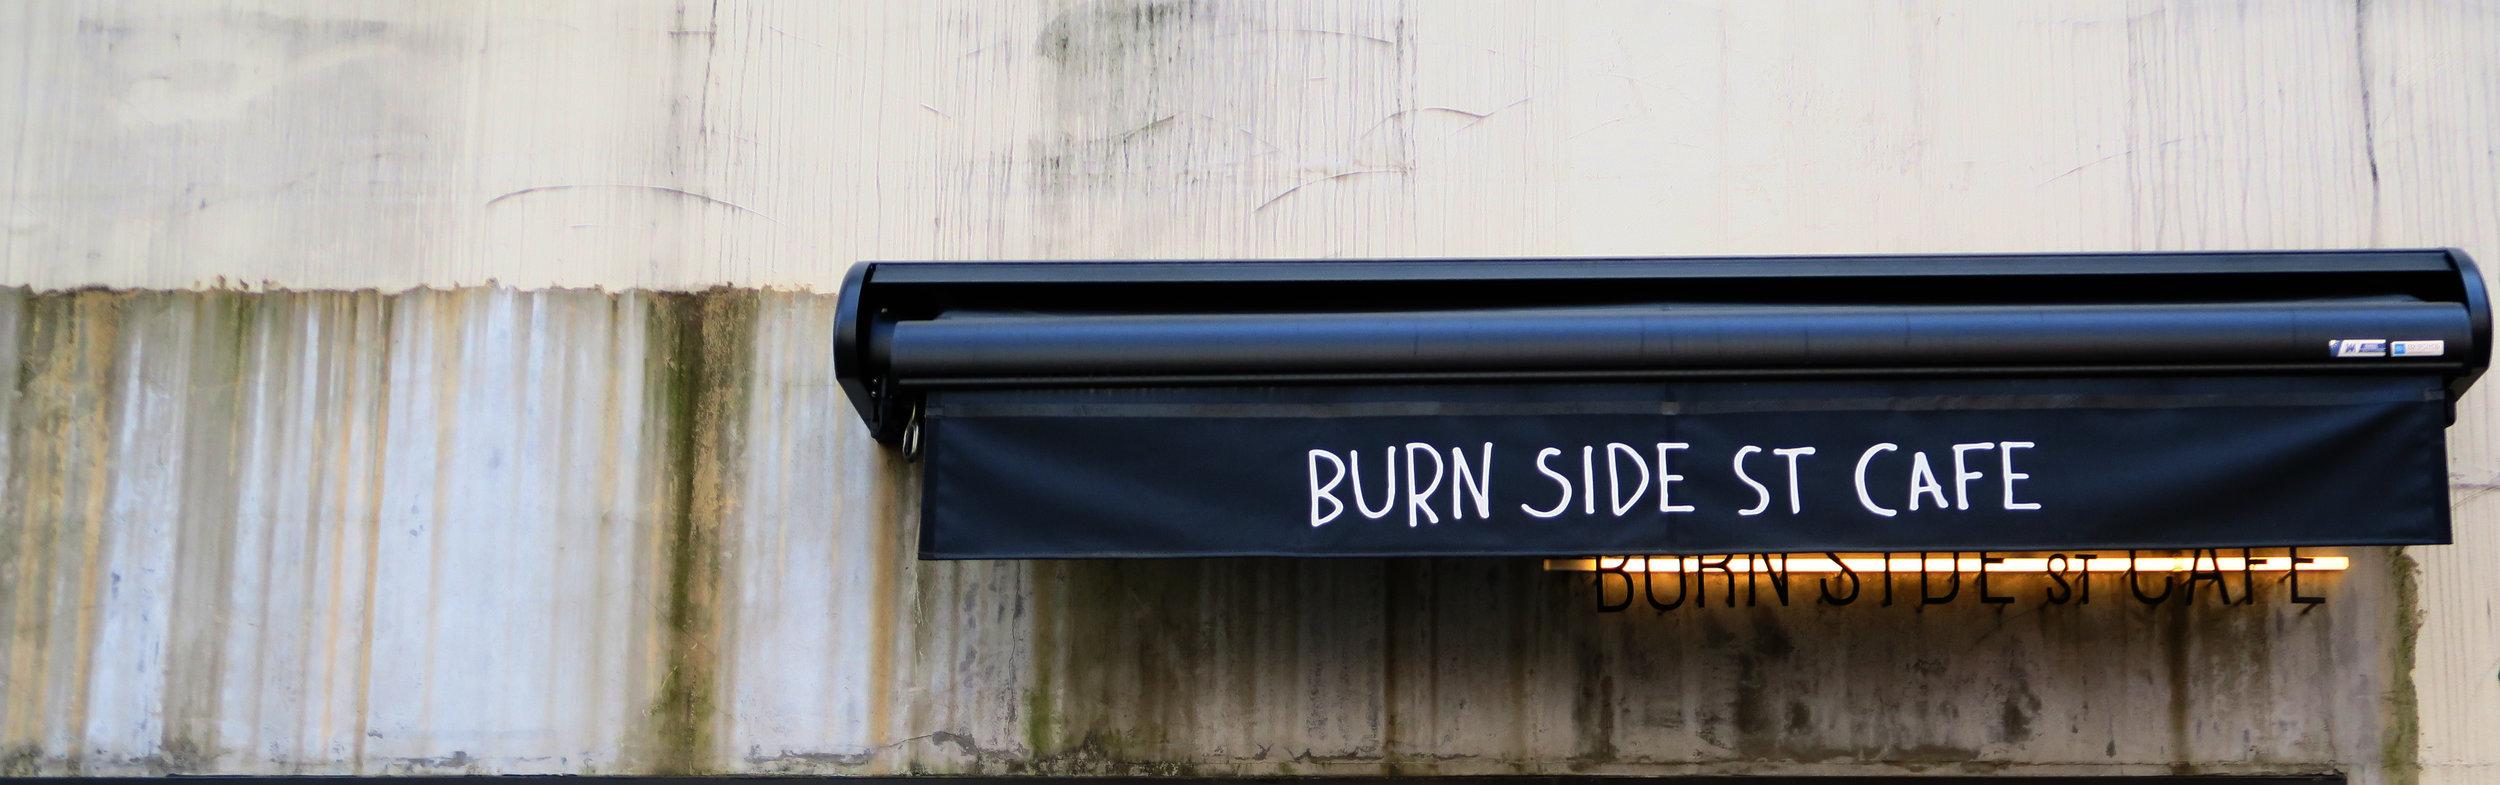 burnsidecafe.jpg